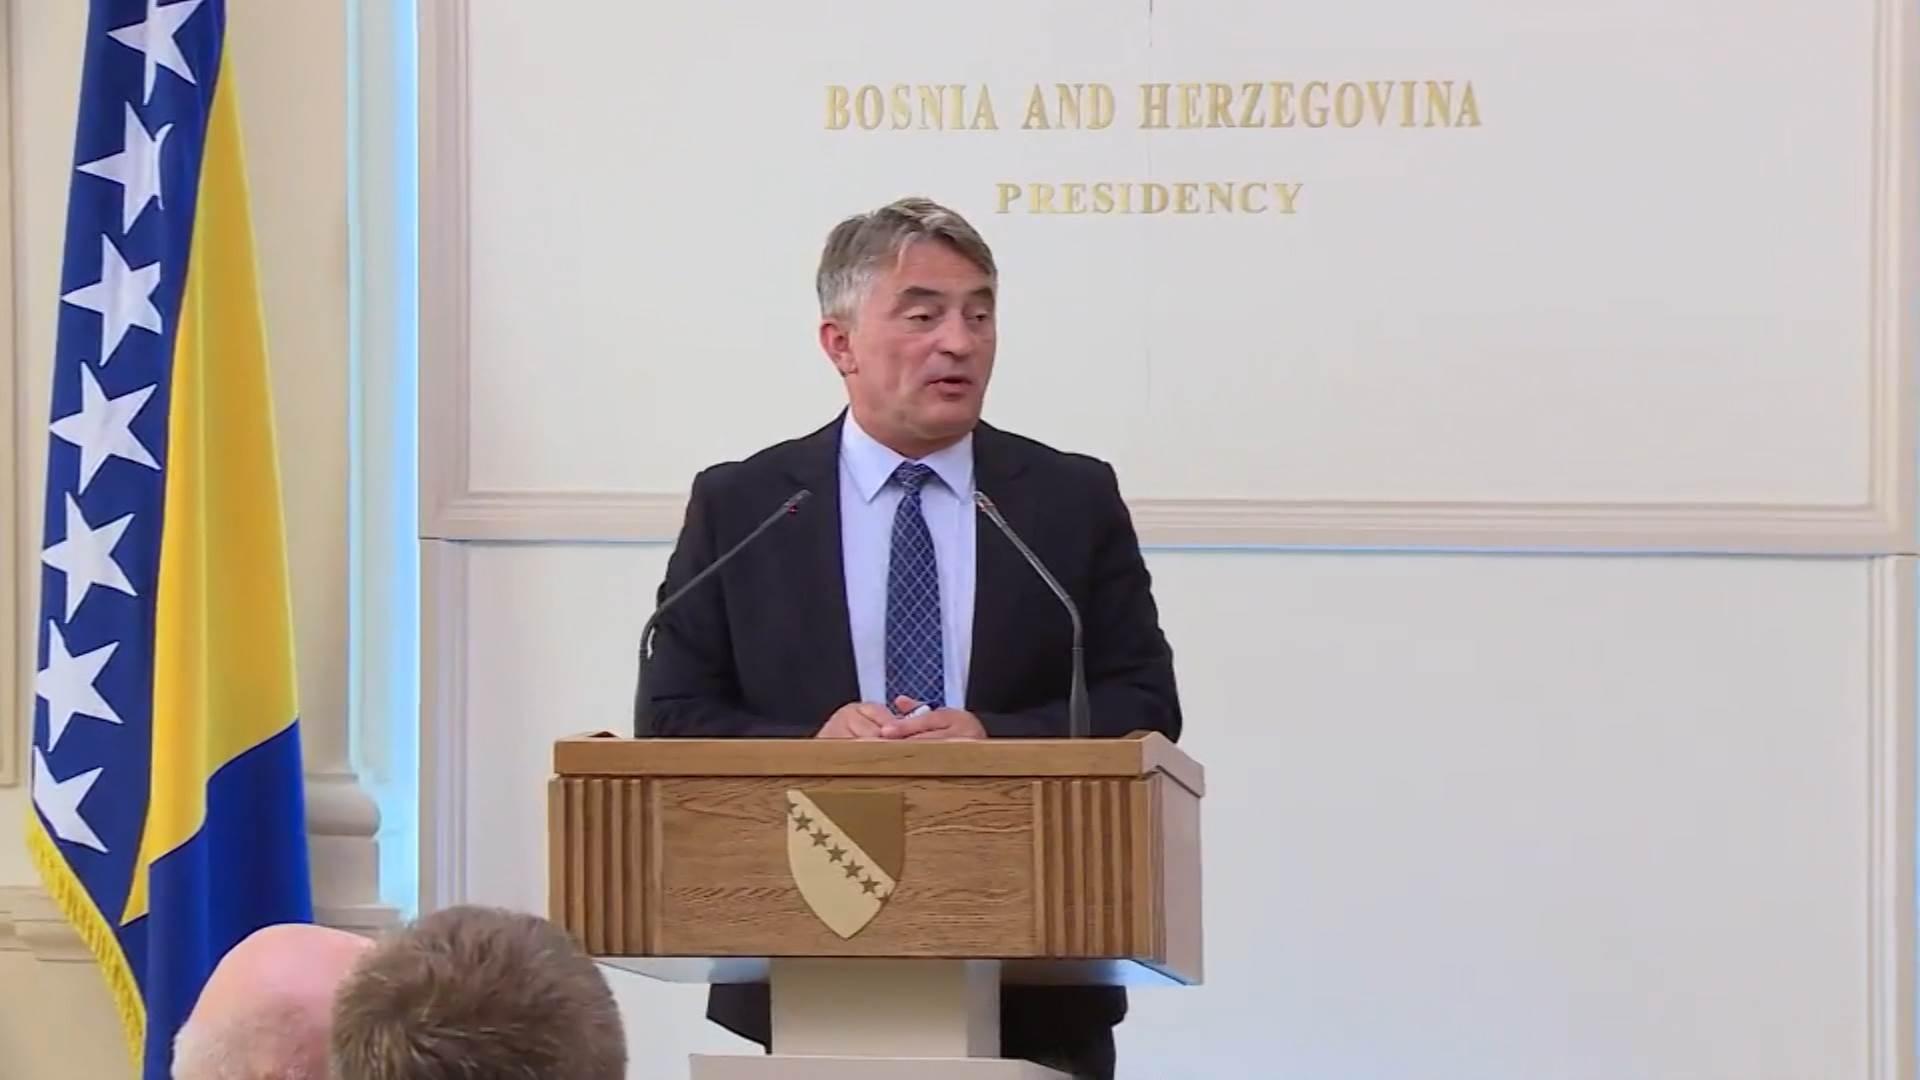 Β-Ε: Ο Komšić καλεί τη Δημοκρατία Σέρπσκα να αλλάξει το σχεδιασμό του αυτοκινητοδρόμου